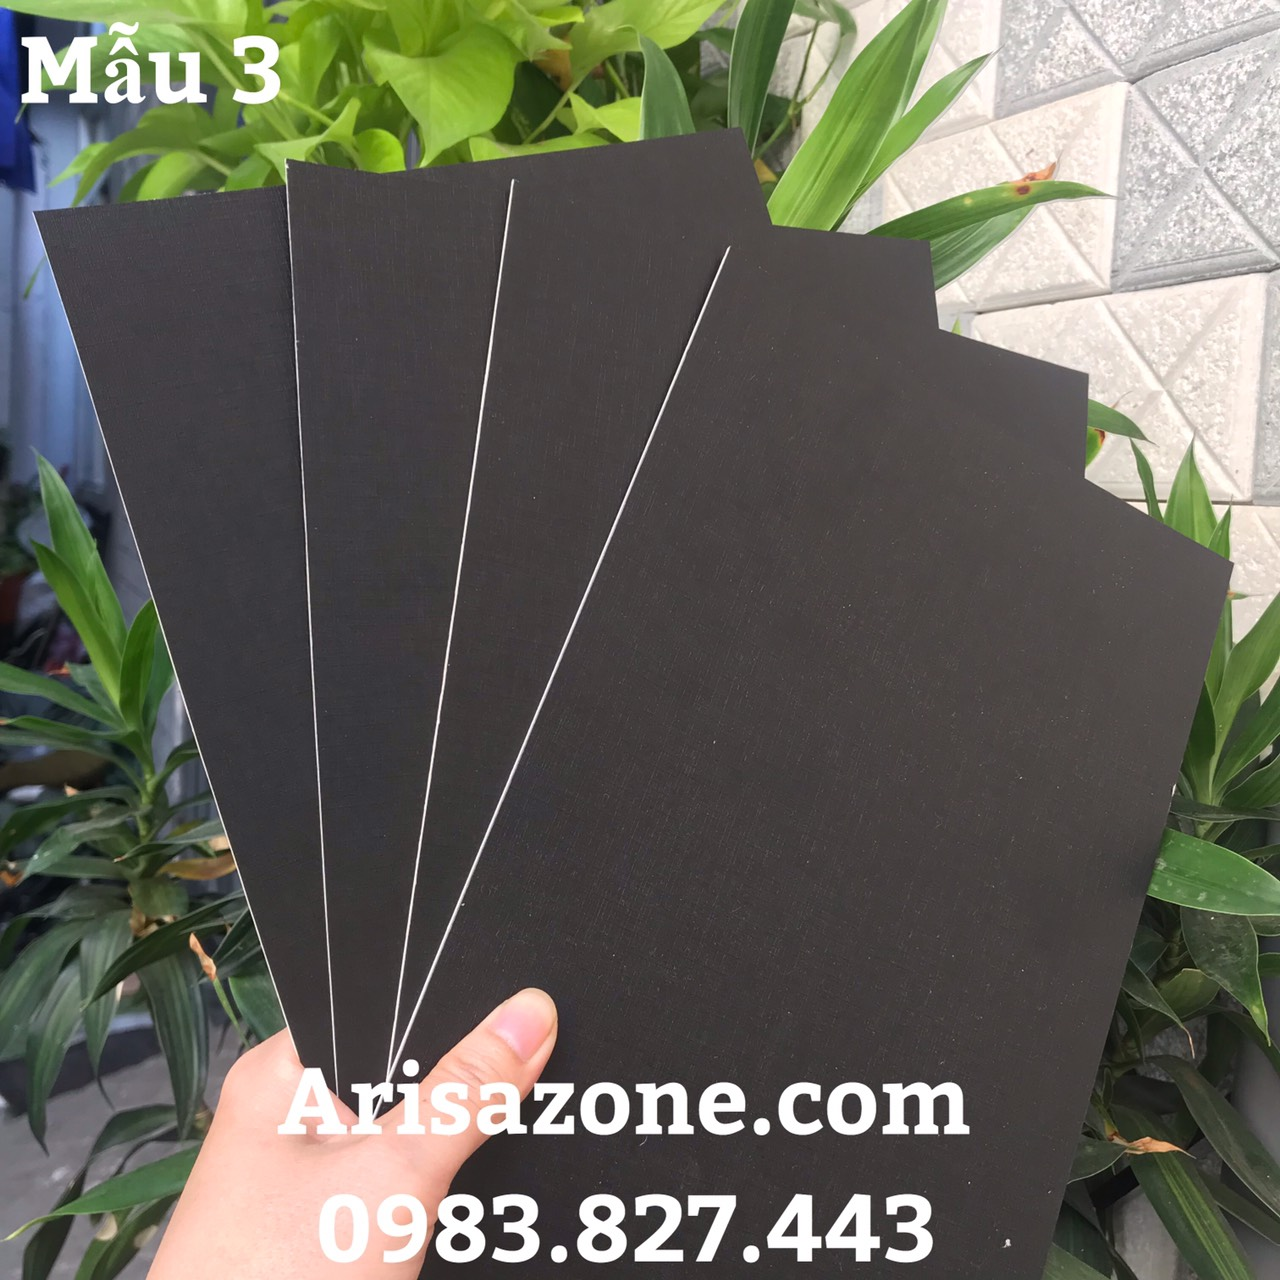 Bìa xốp làm bìa Scrapbook, bìa album (dày 1mm - Kích thước 19cm x 26,5cm) - Set 04 tấm_GHM46